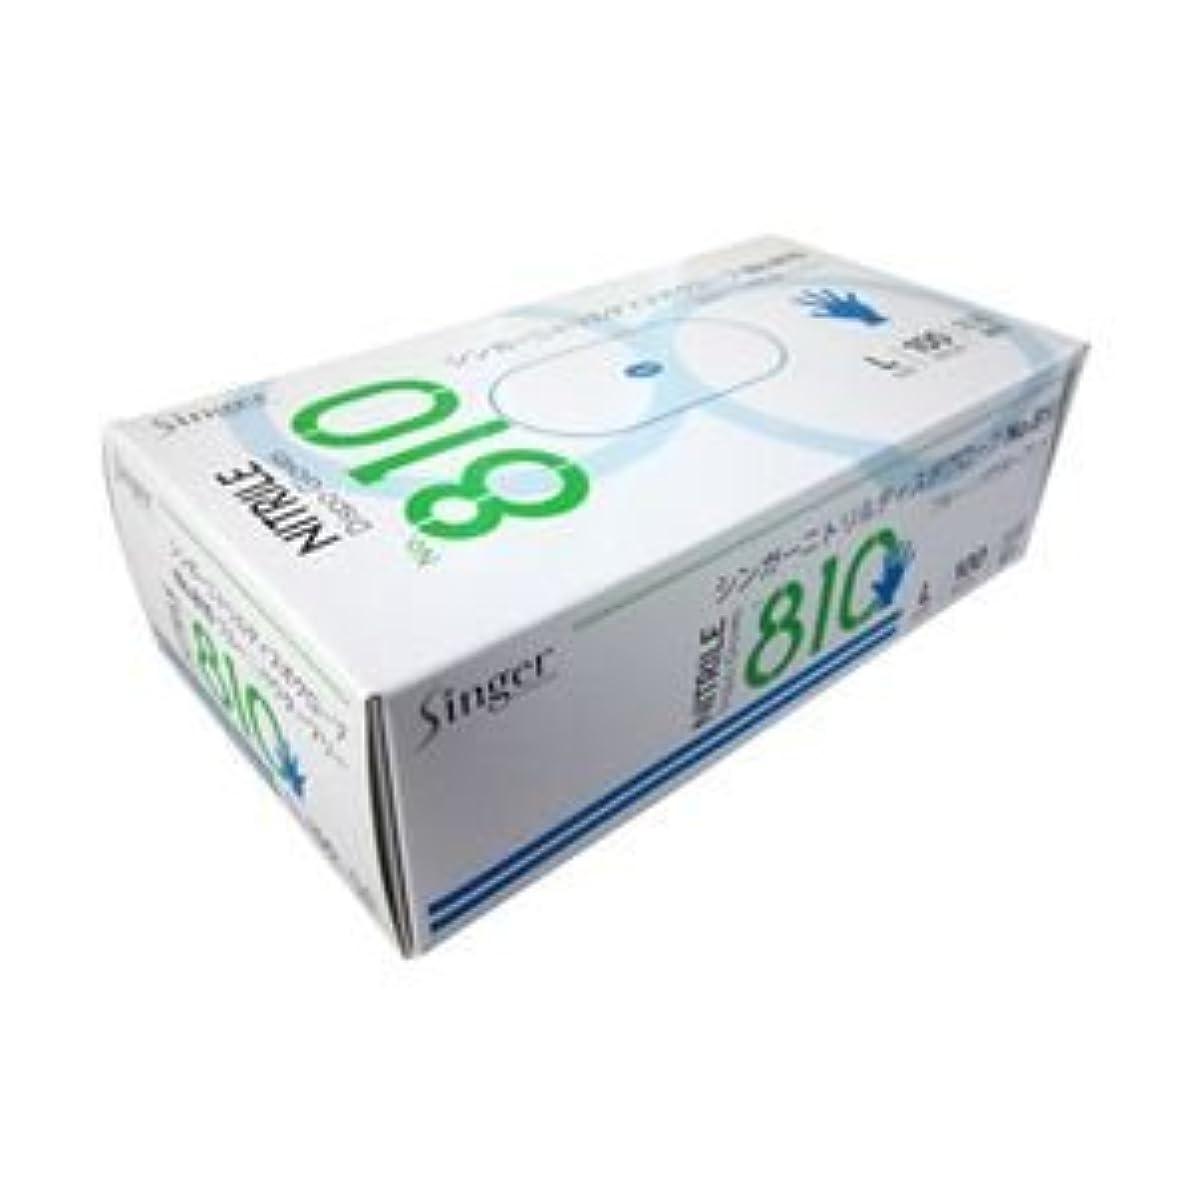 免疫走るレイアウト宇都宮製作 ニトリル手袋 粉なし ブルー L 1箱(100枚) ×5セット